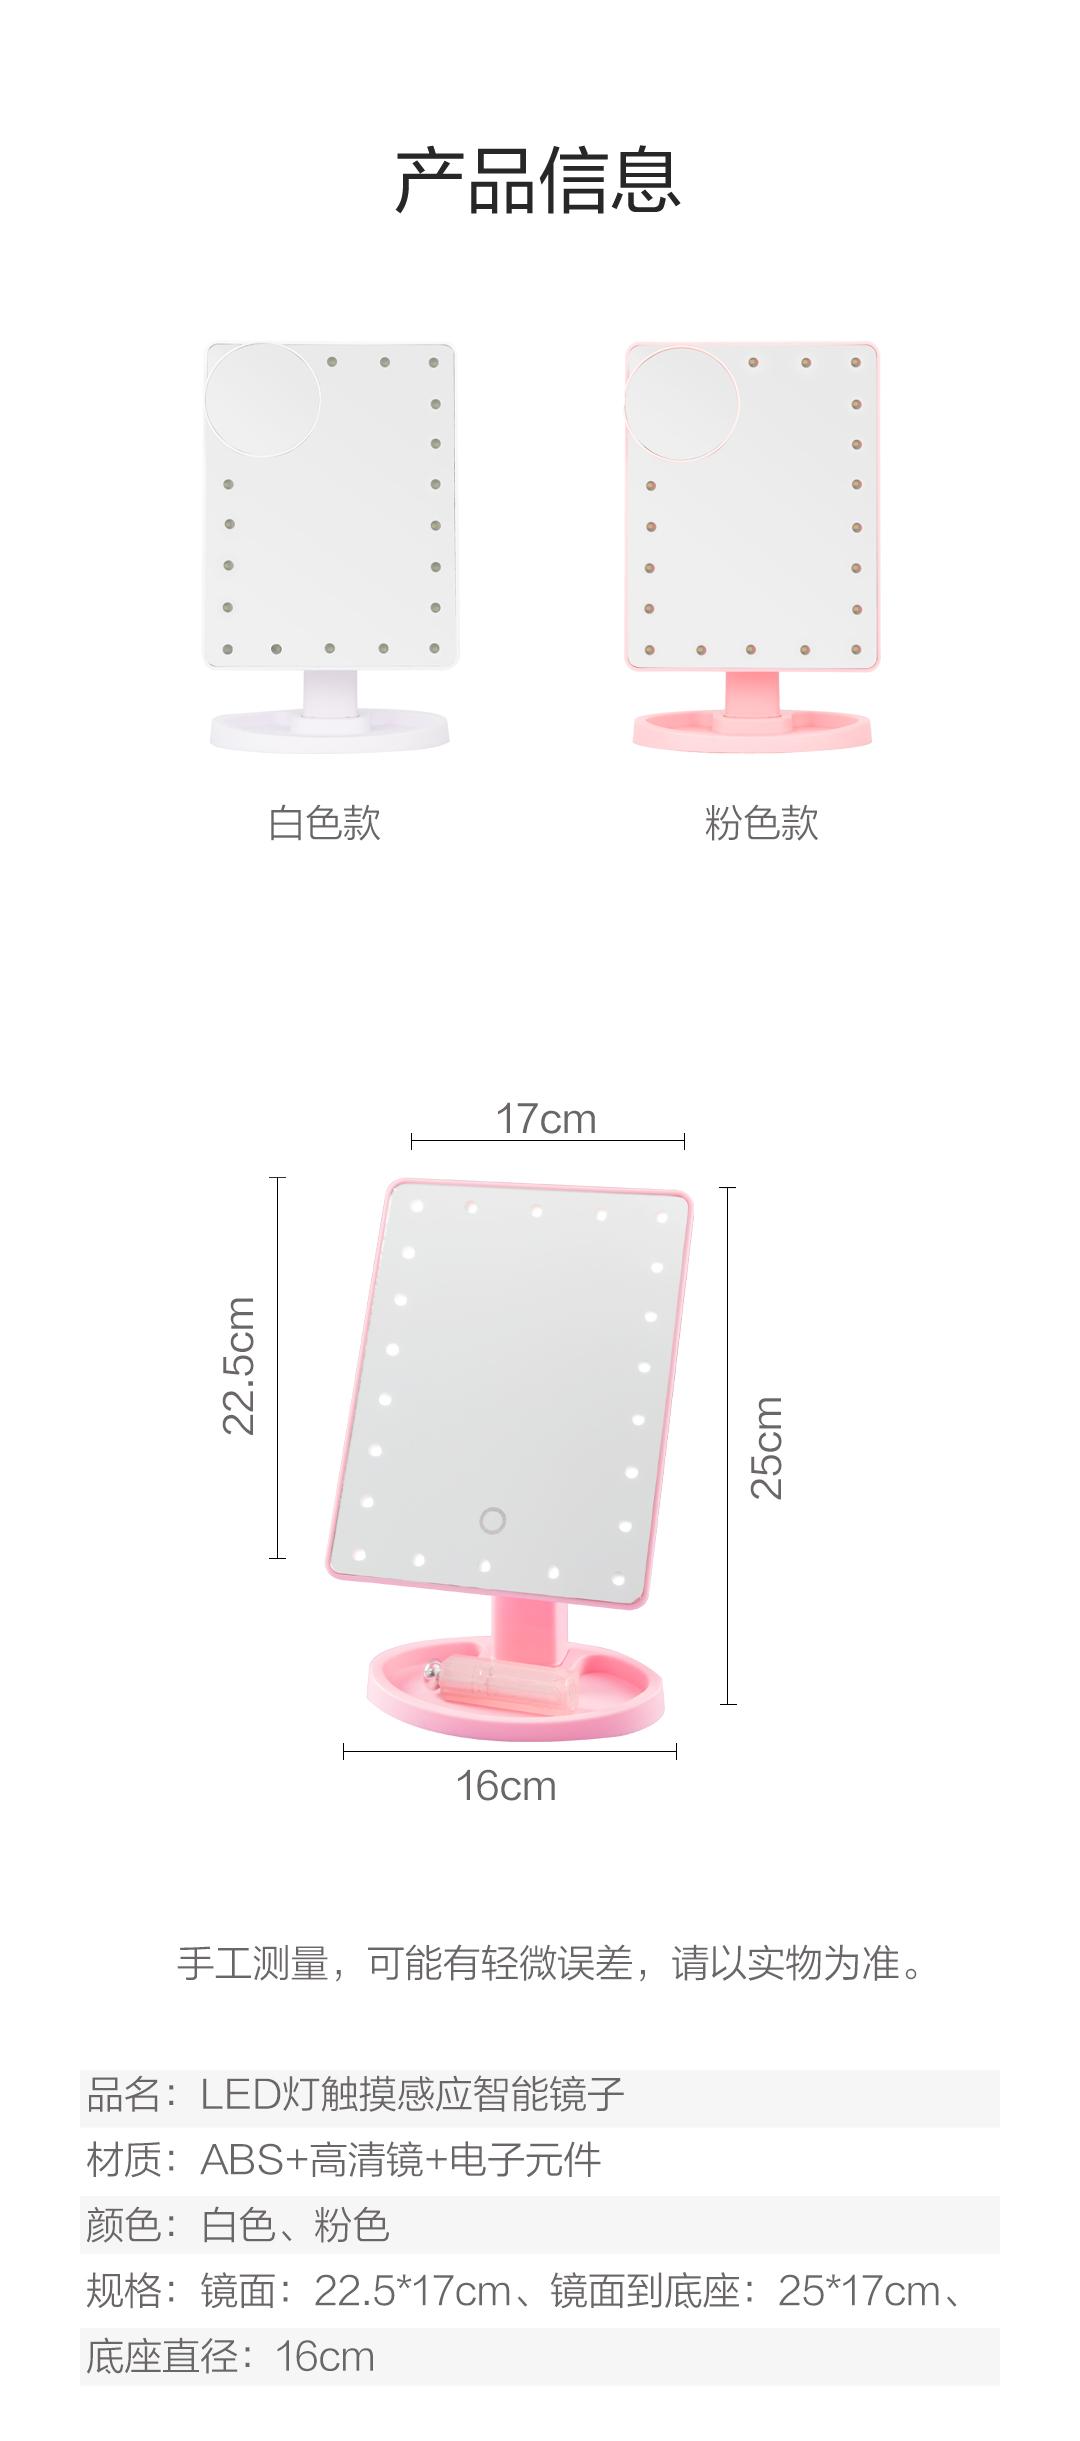 LED灯触摸感应智能镜子